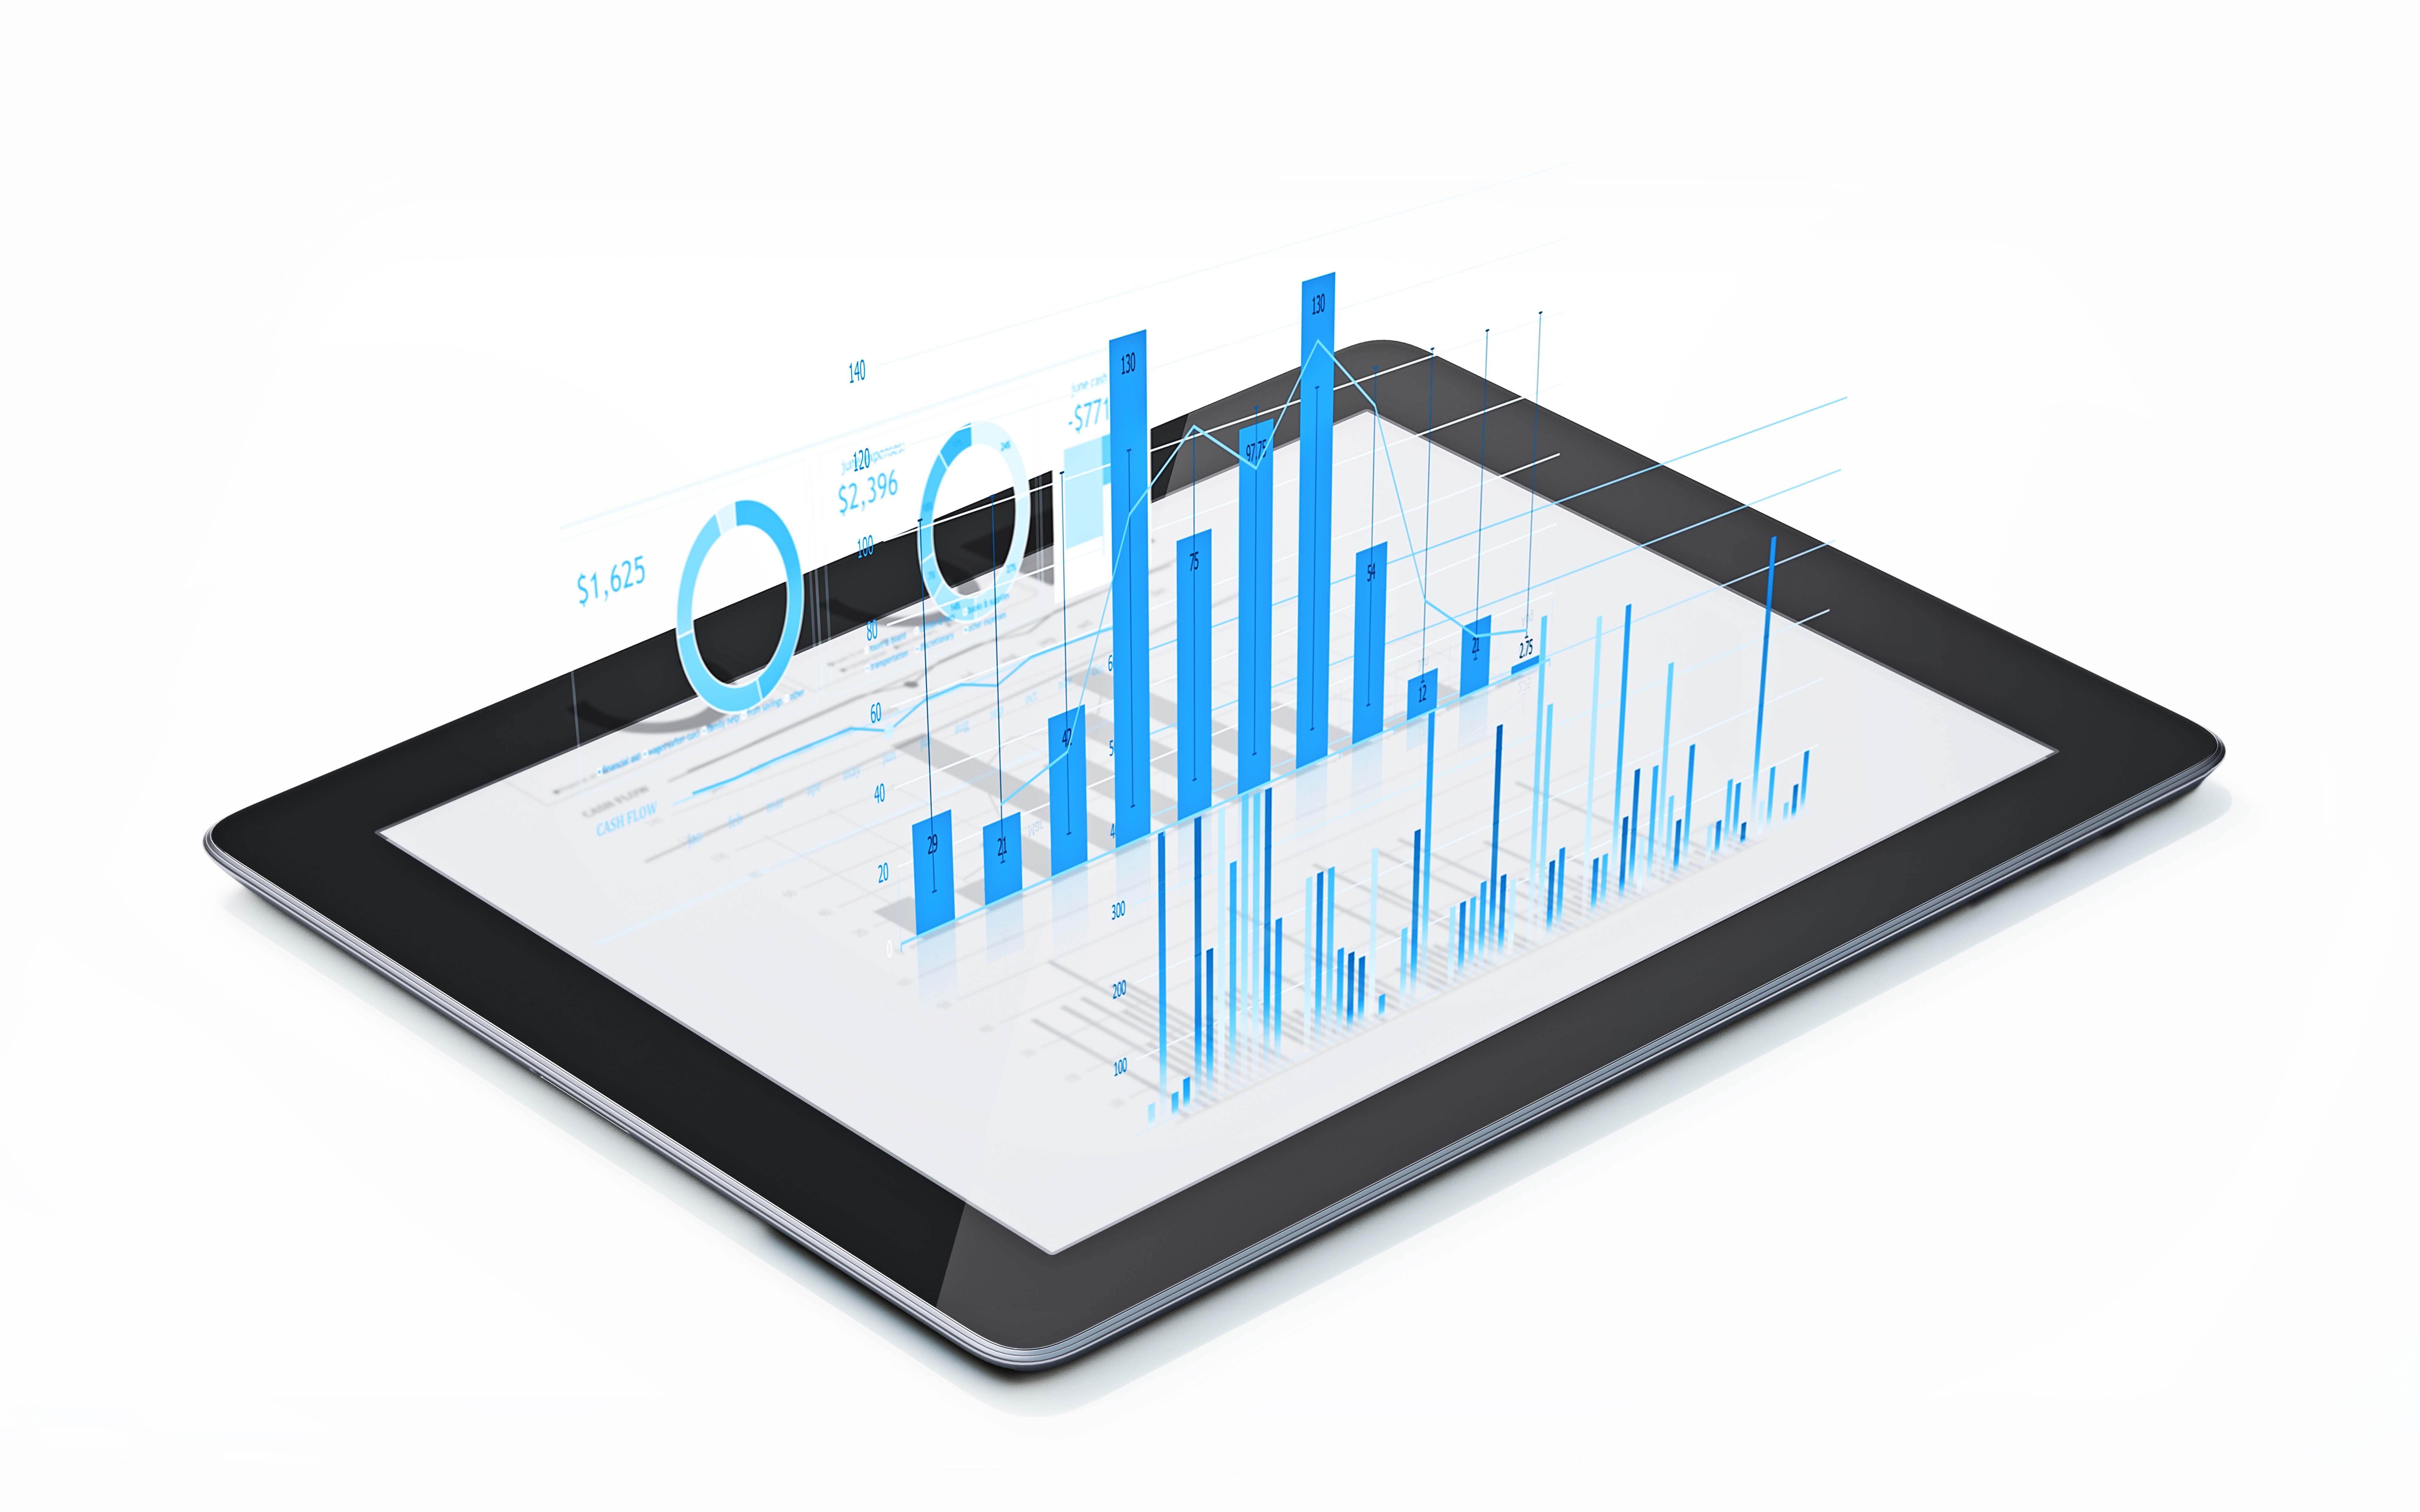 graphiques-analyses-sur-tablette-digitale